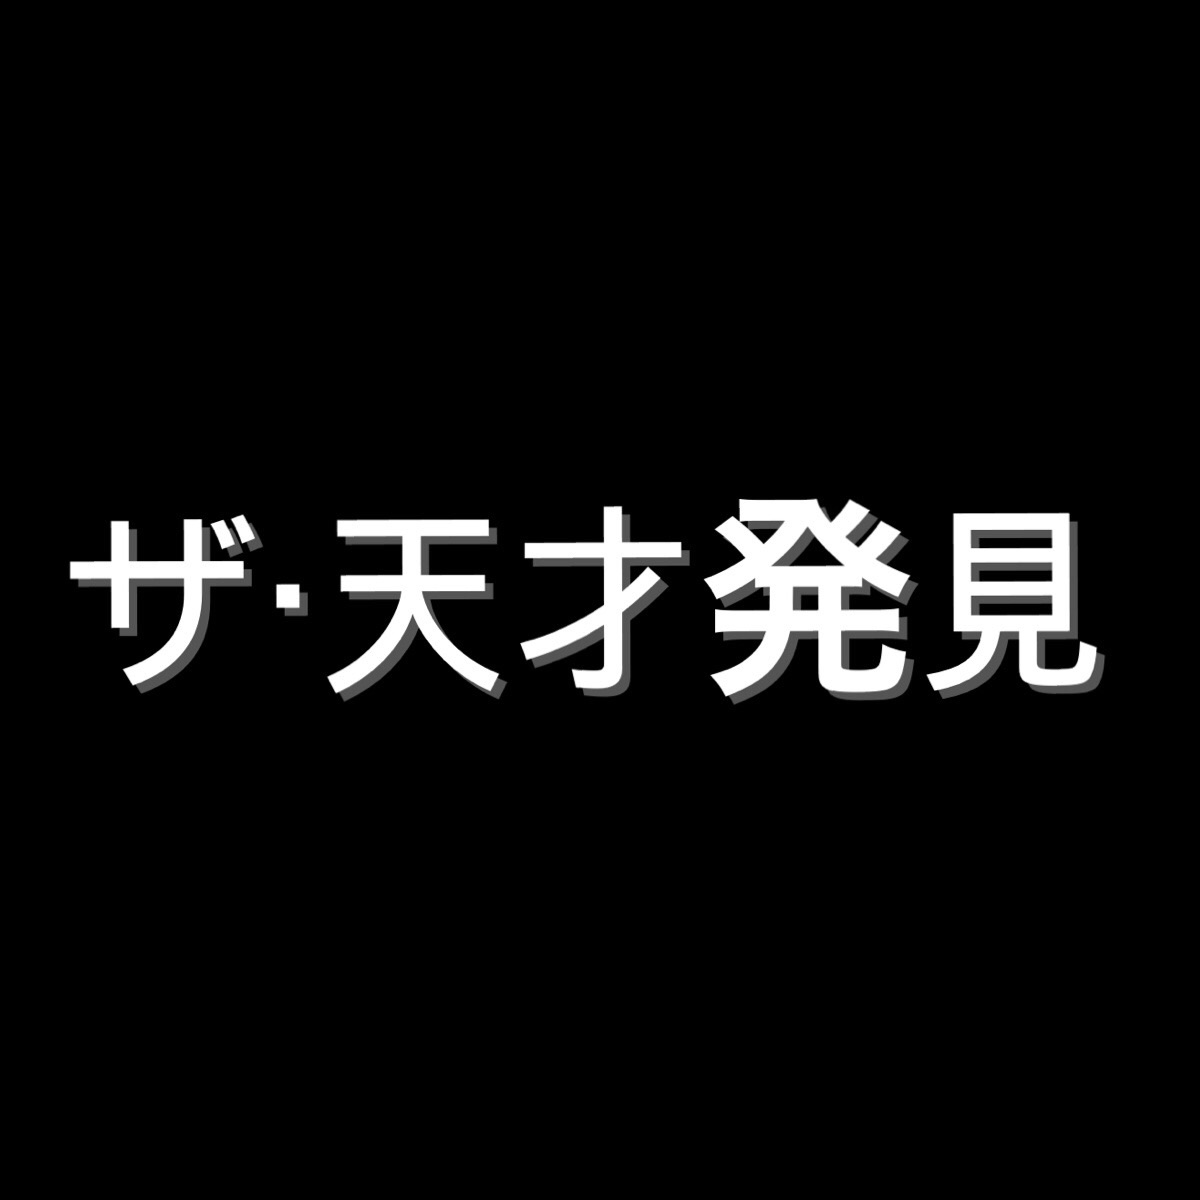 #1 鴨志田町の天才